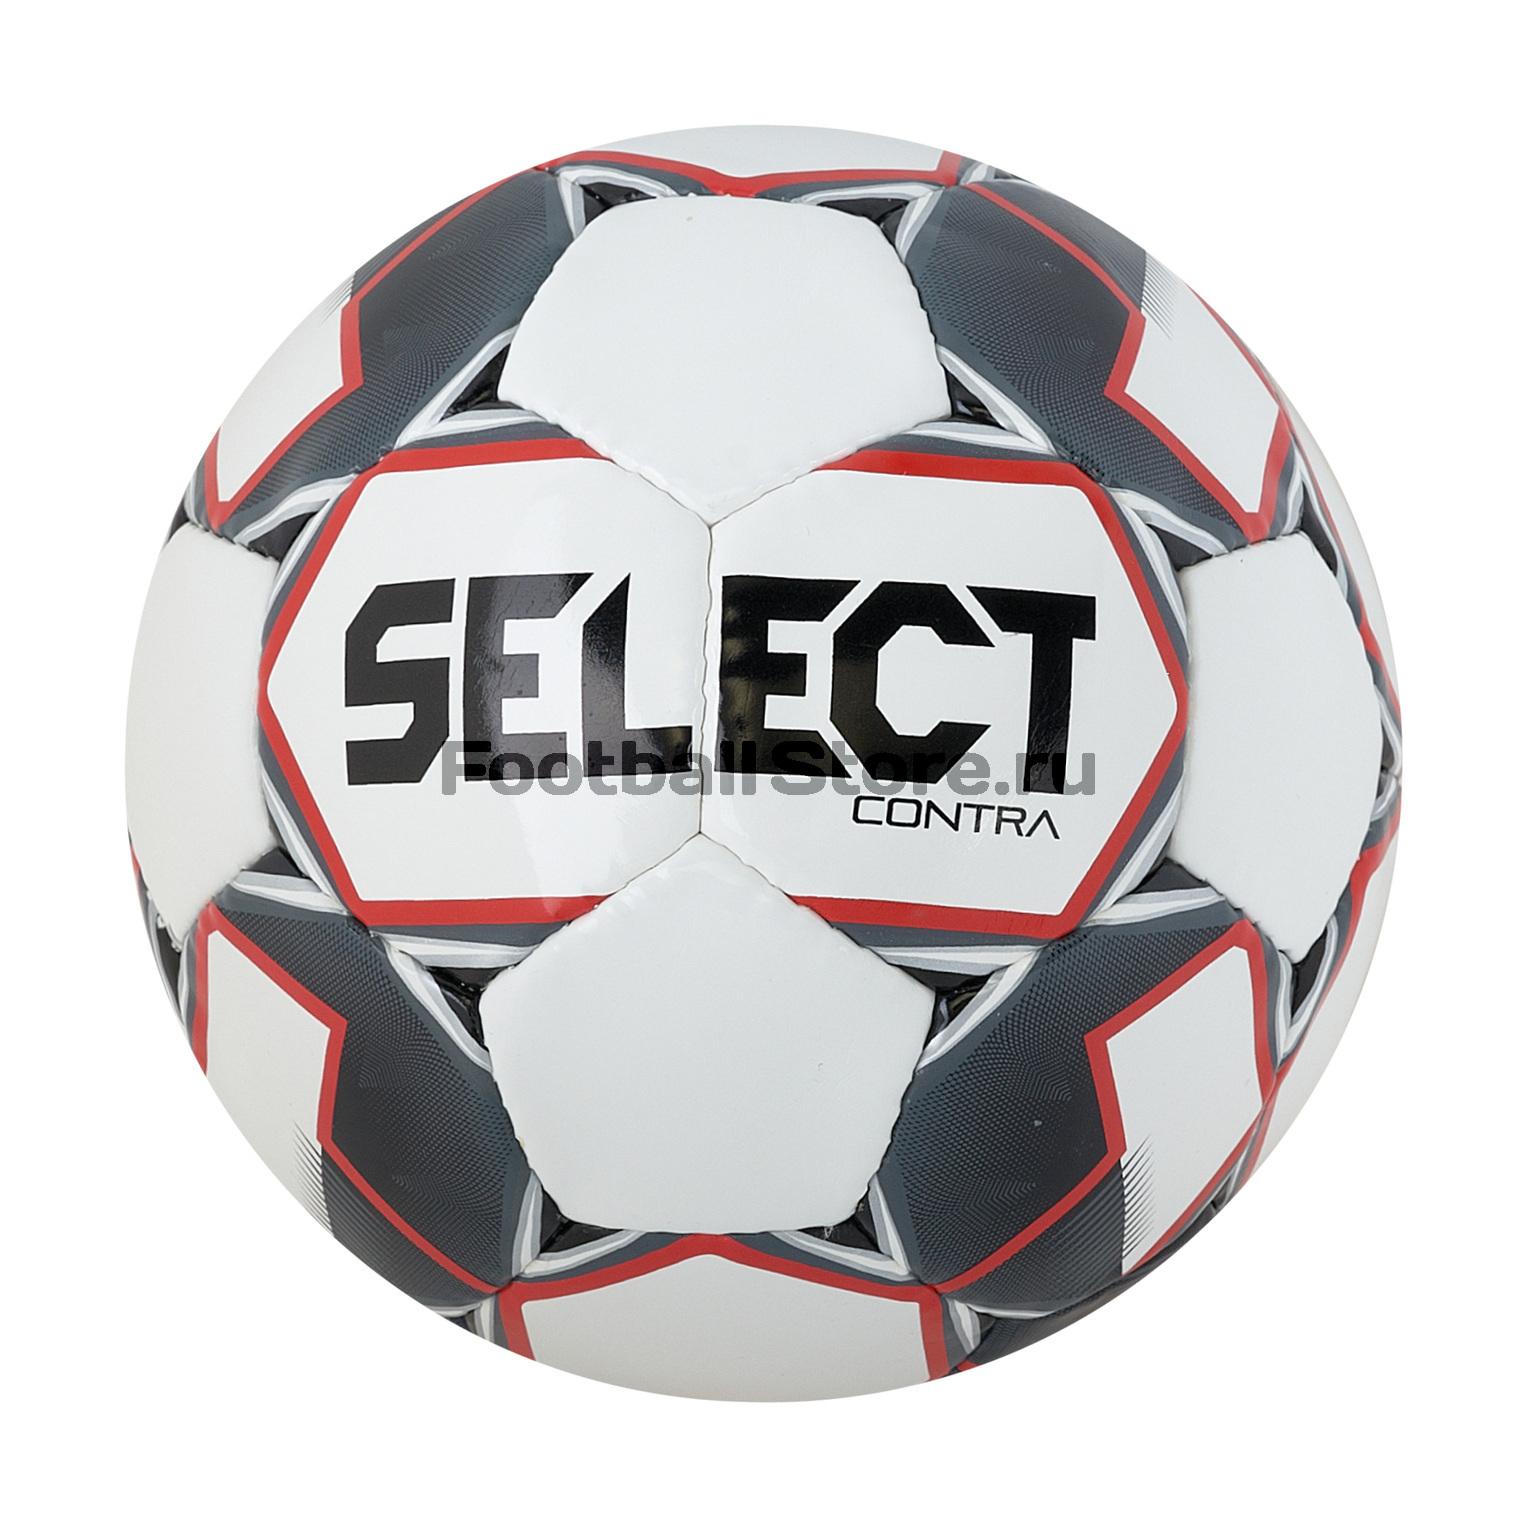 Футбольный мяч Select Contra 812310-103 мяч футбольный select brillant replica размер 5